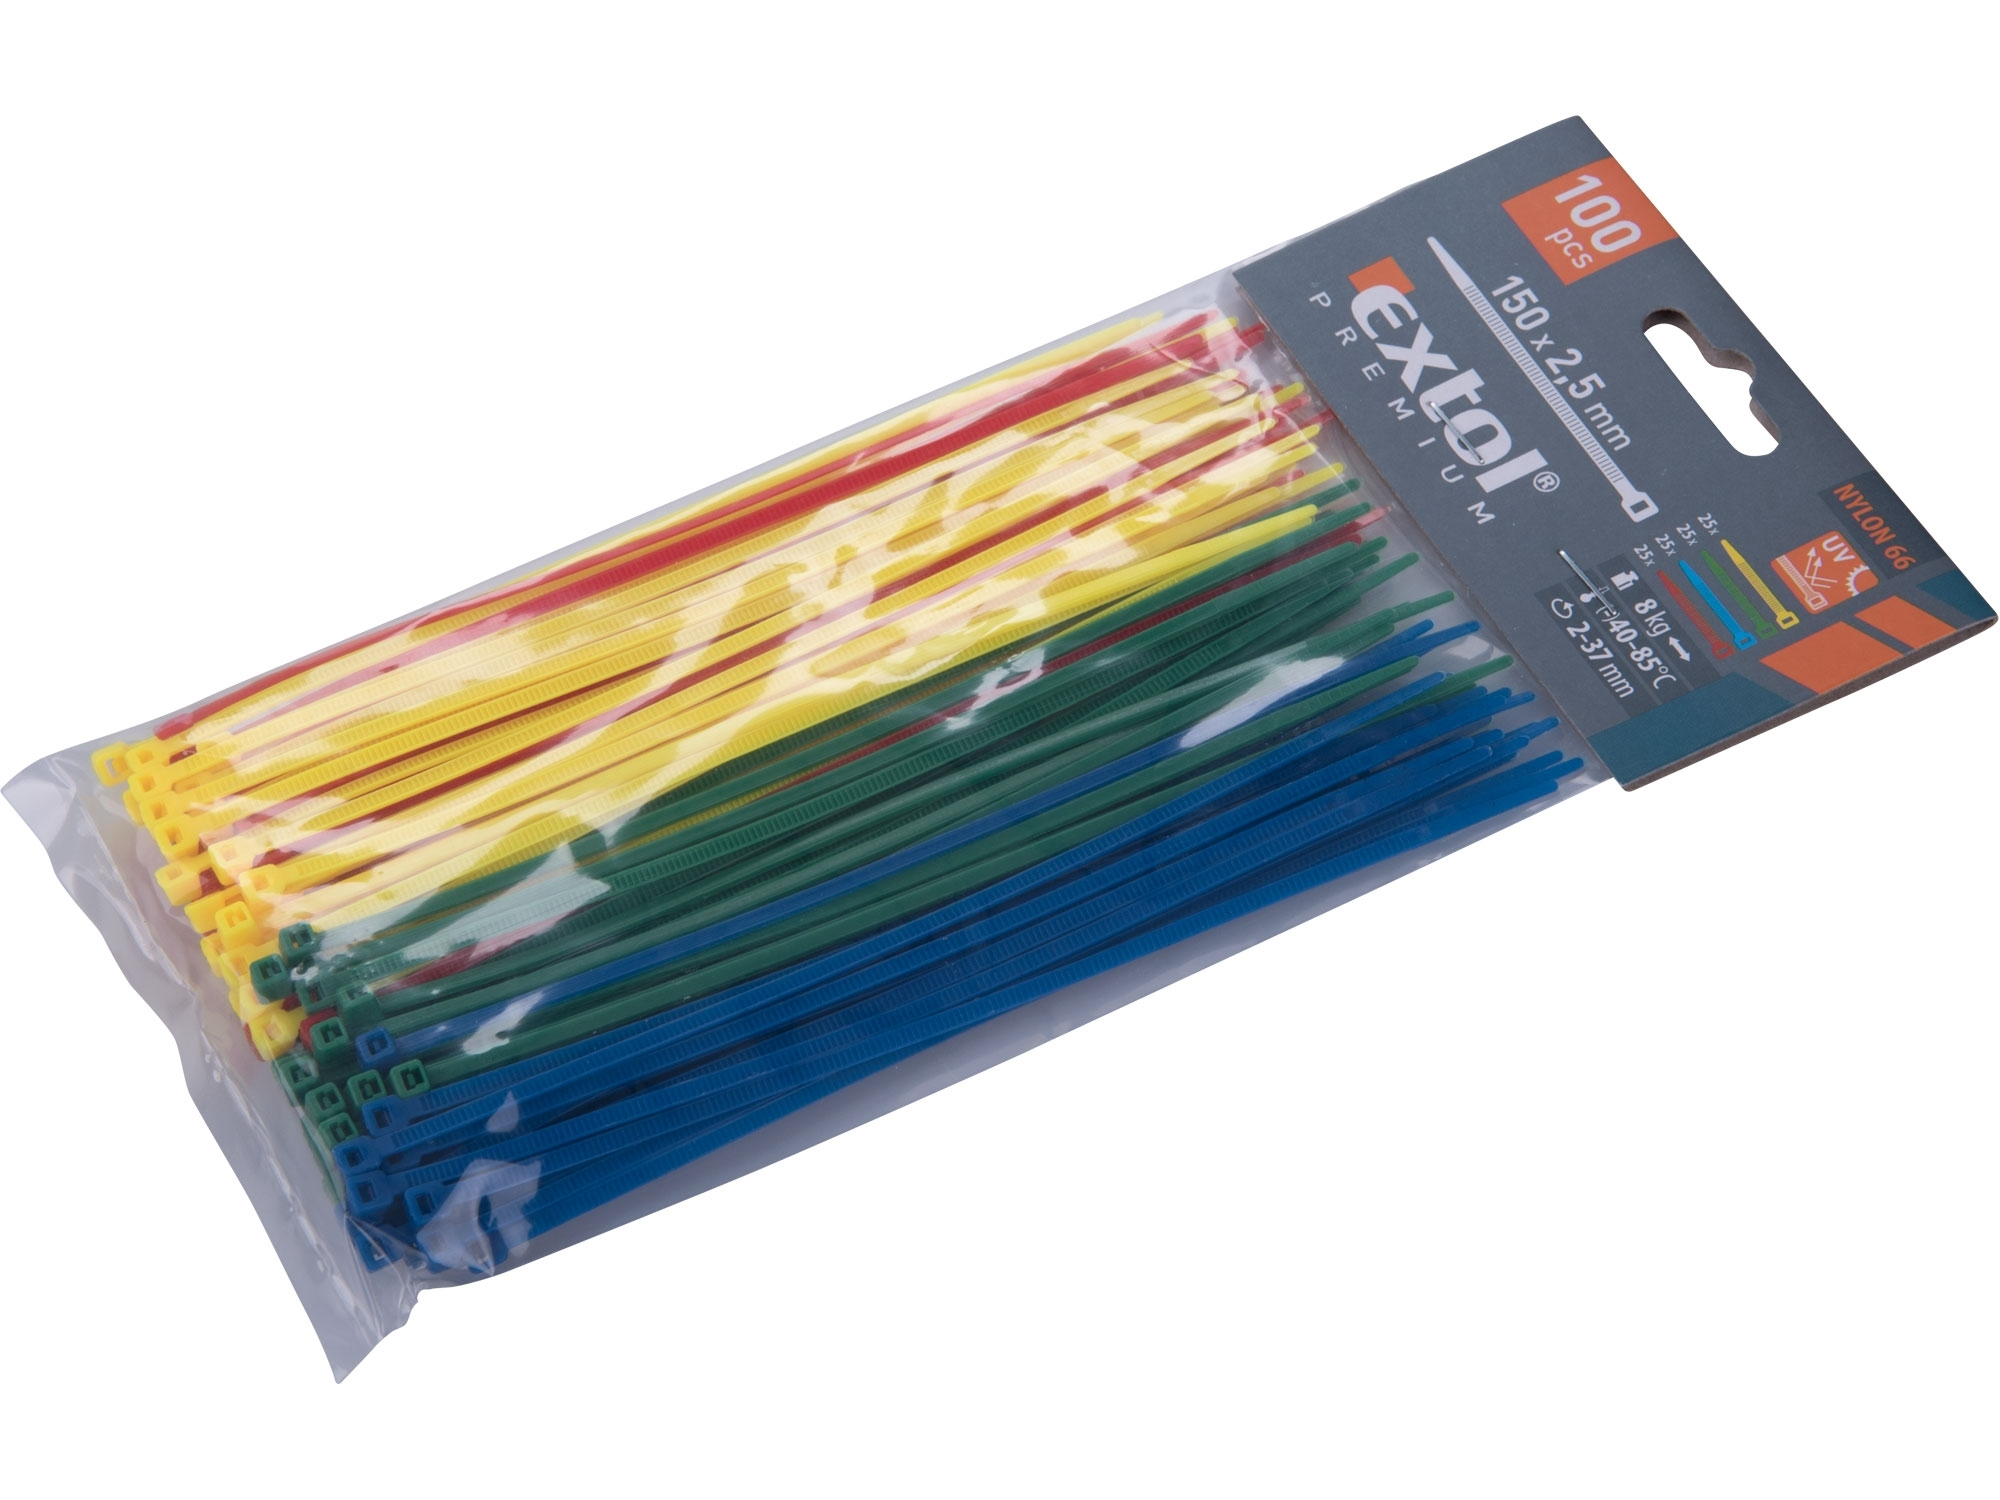 pásky stahovací barevné, 150x2,5mm, 100ks, (4x25ks), 4 barvy, nylon PA66